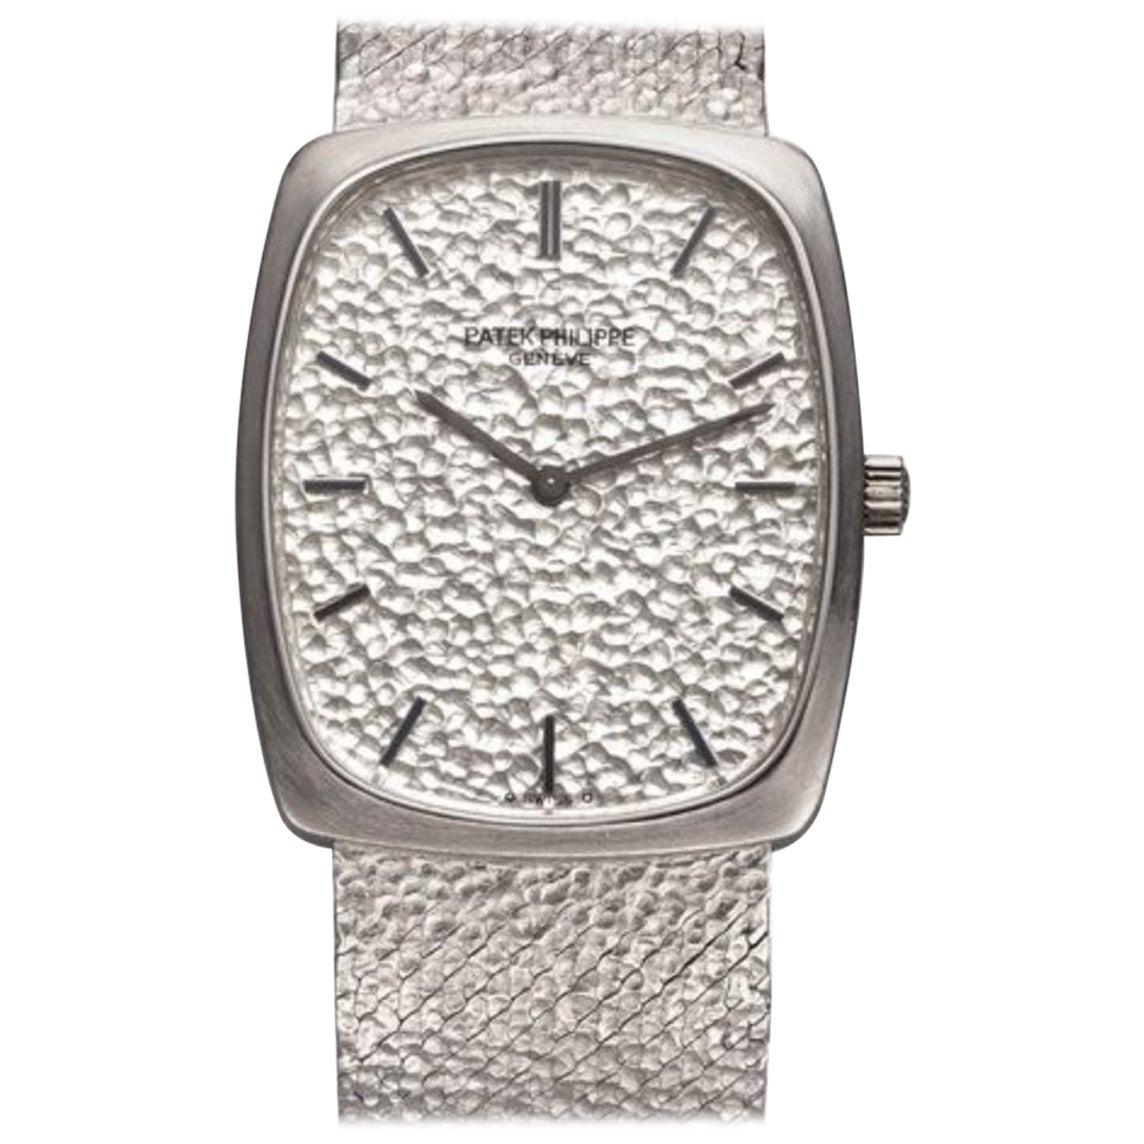 Patek Philippe Ellipse White Gold Watch